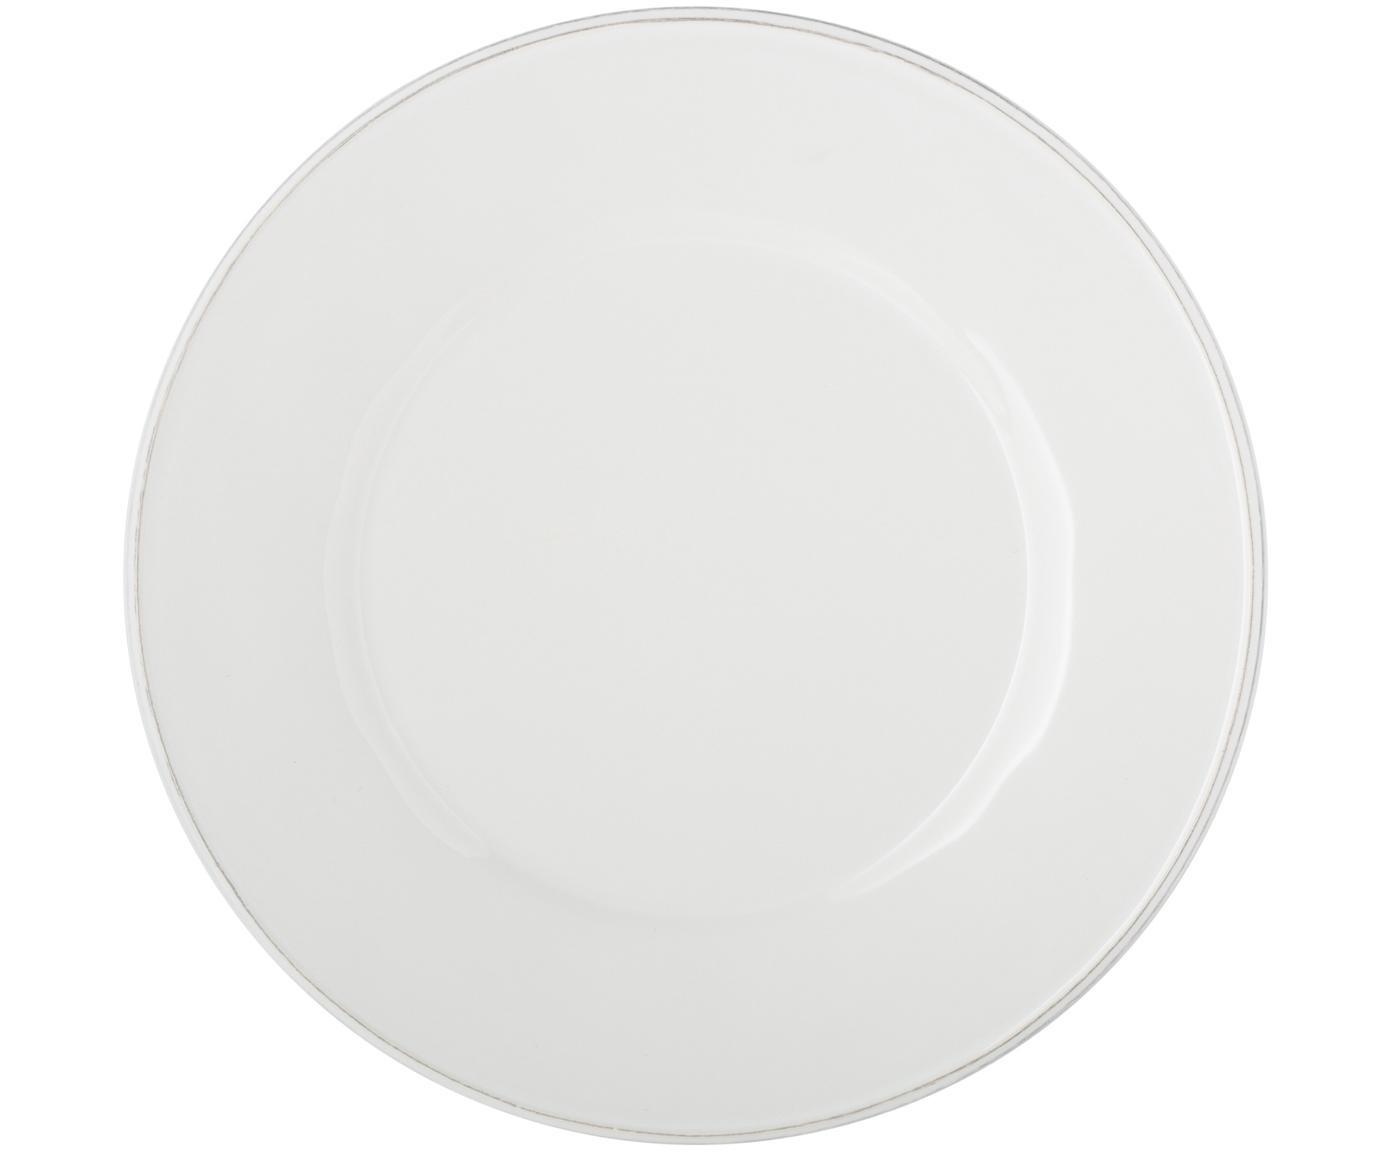 Platos llanos Constance, 2uds., estilo rústico, Cerámica, Blanco, Ø 29 cm